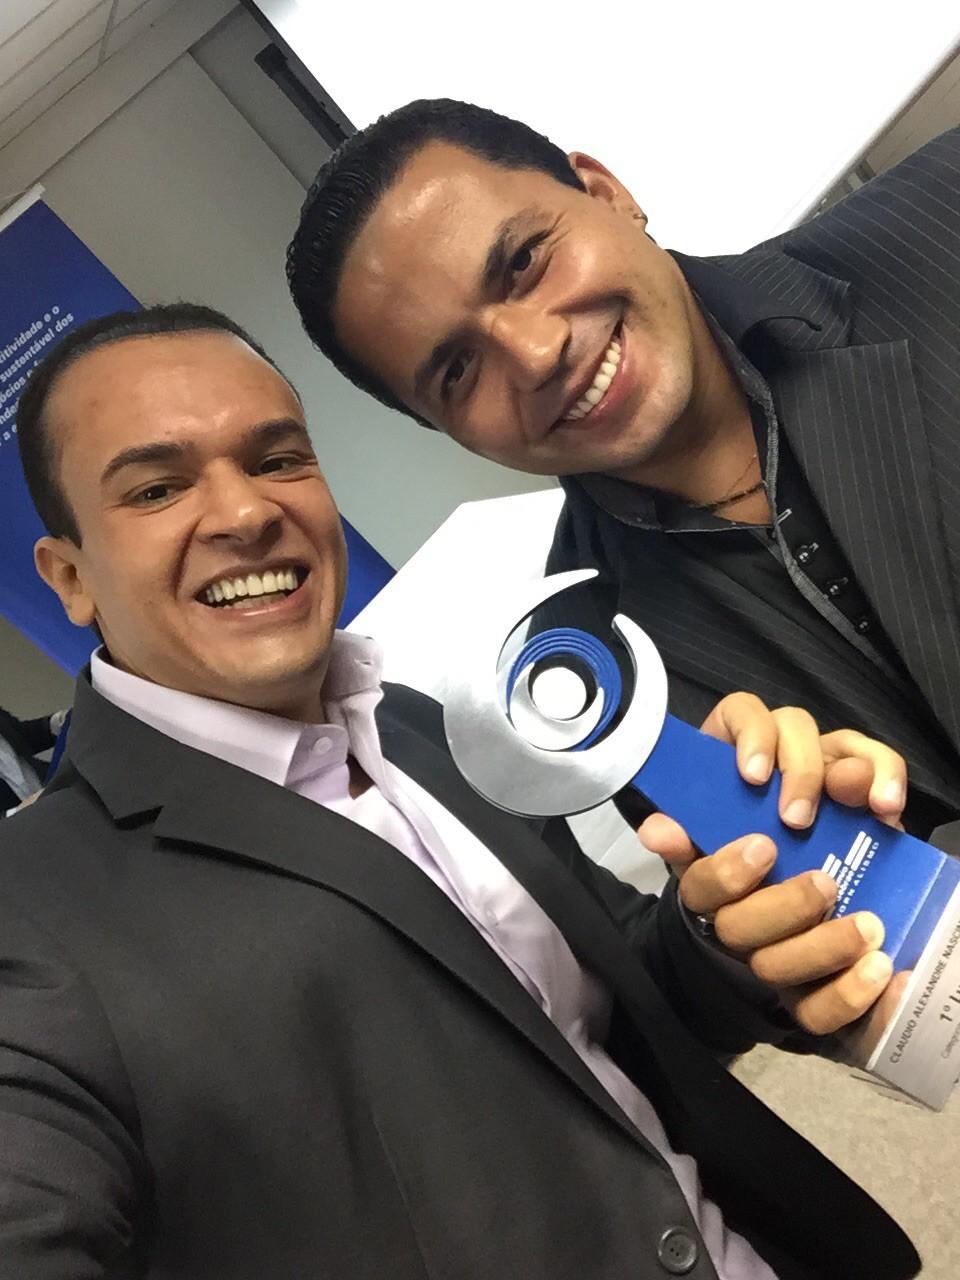 O repórter Fernando Daguano e o cinegrafista Claudio Nascimento comemoram a conquista do prêmio (Foto: Arquivo Pessoal)